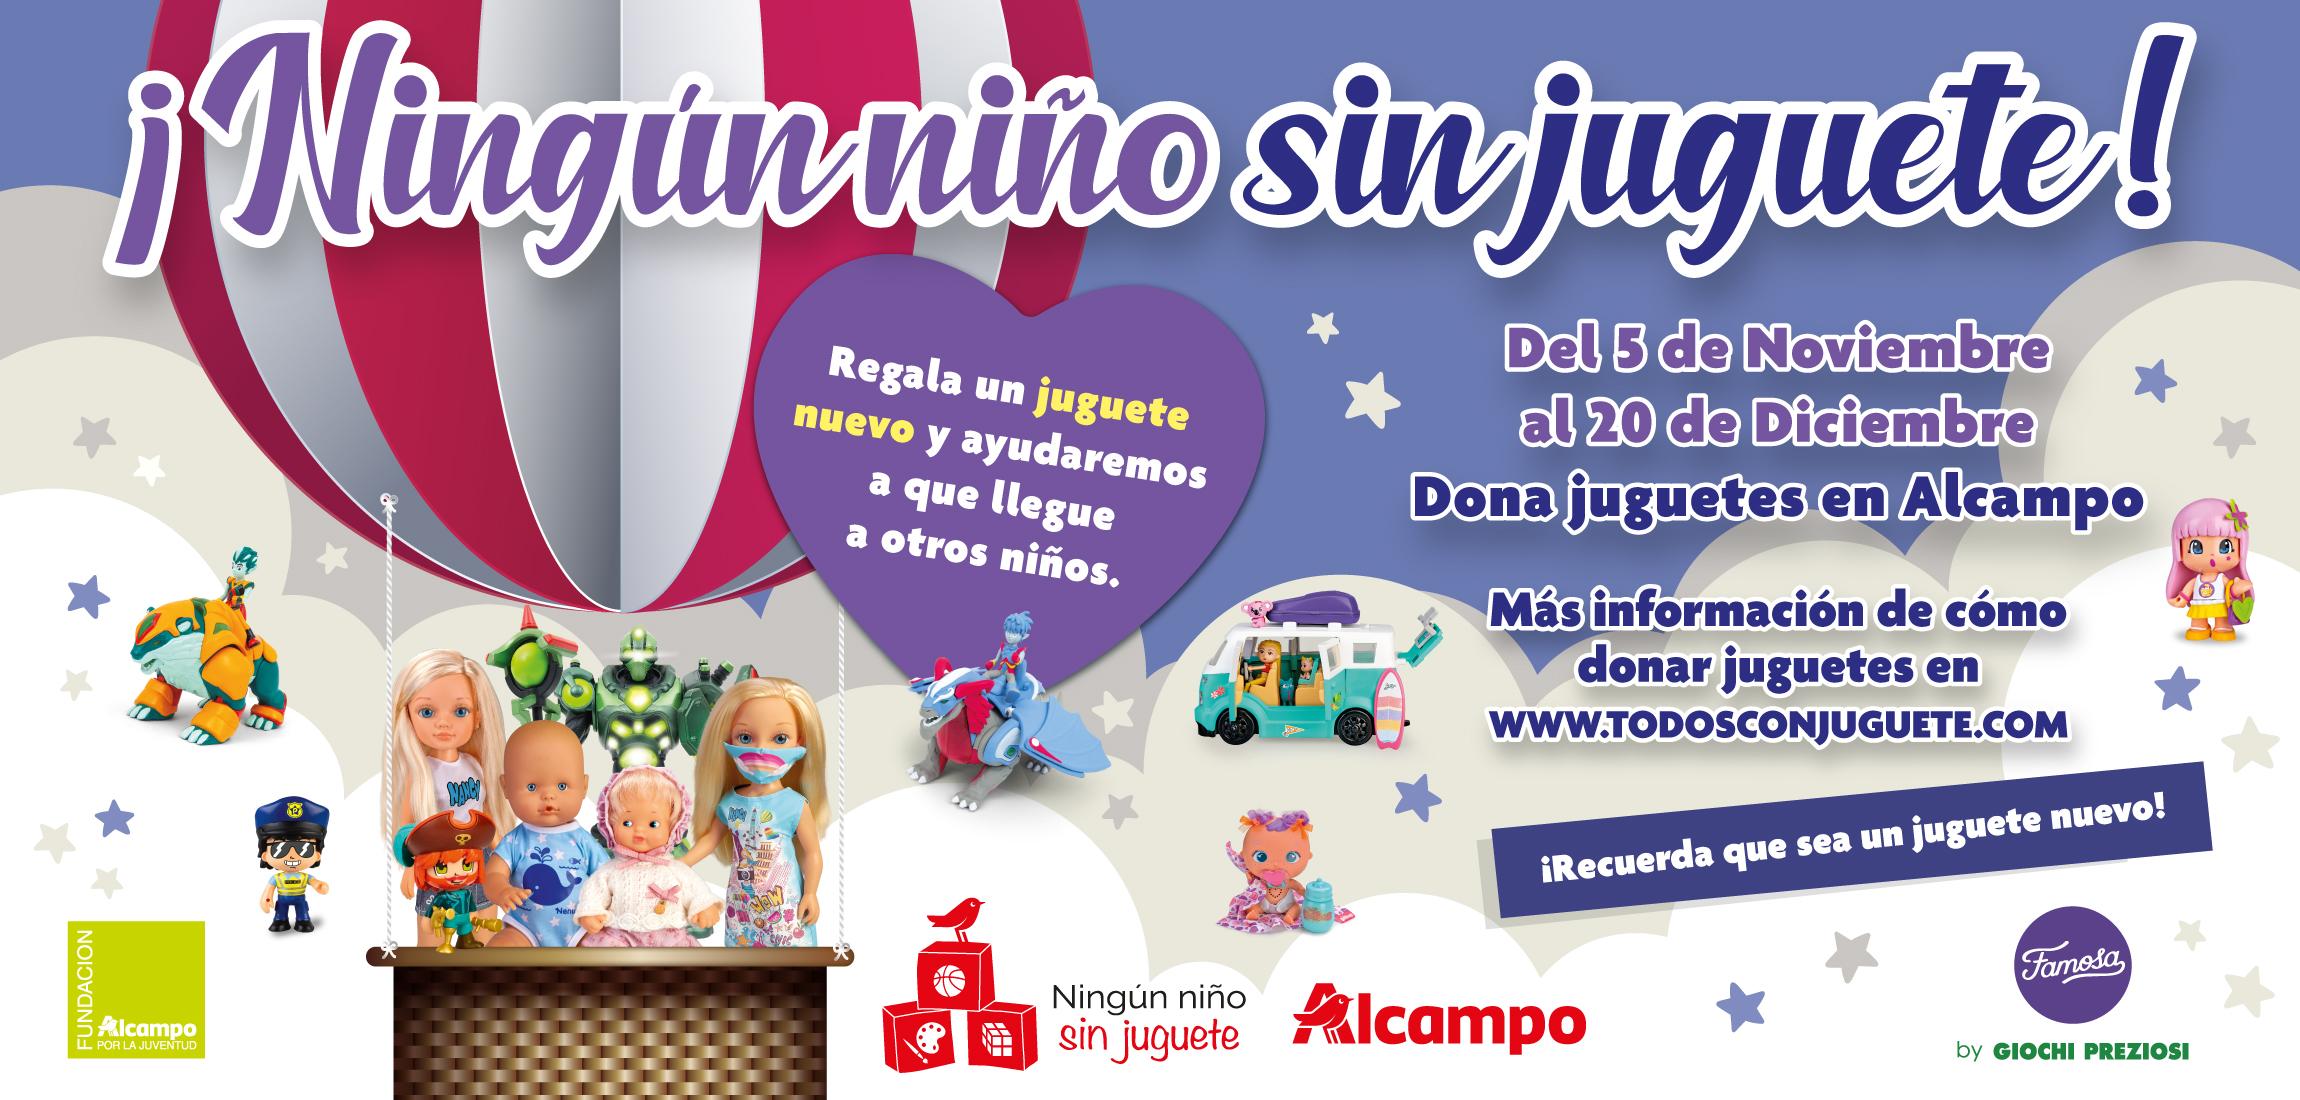 """""""Ningún niño sin juguete"""" finaliza con 12.000 juguetes nuevos que serán entregados a niñas y niños"""